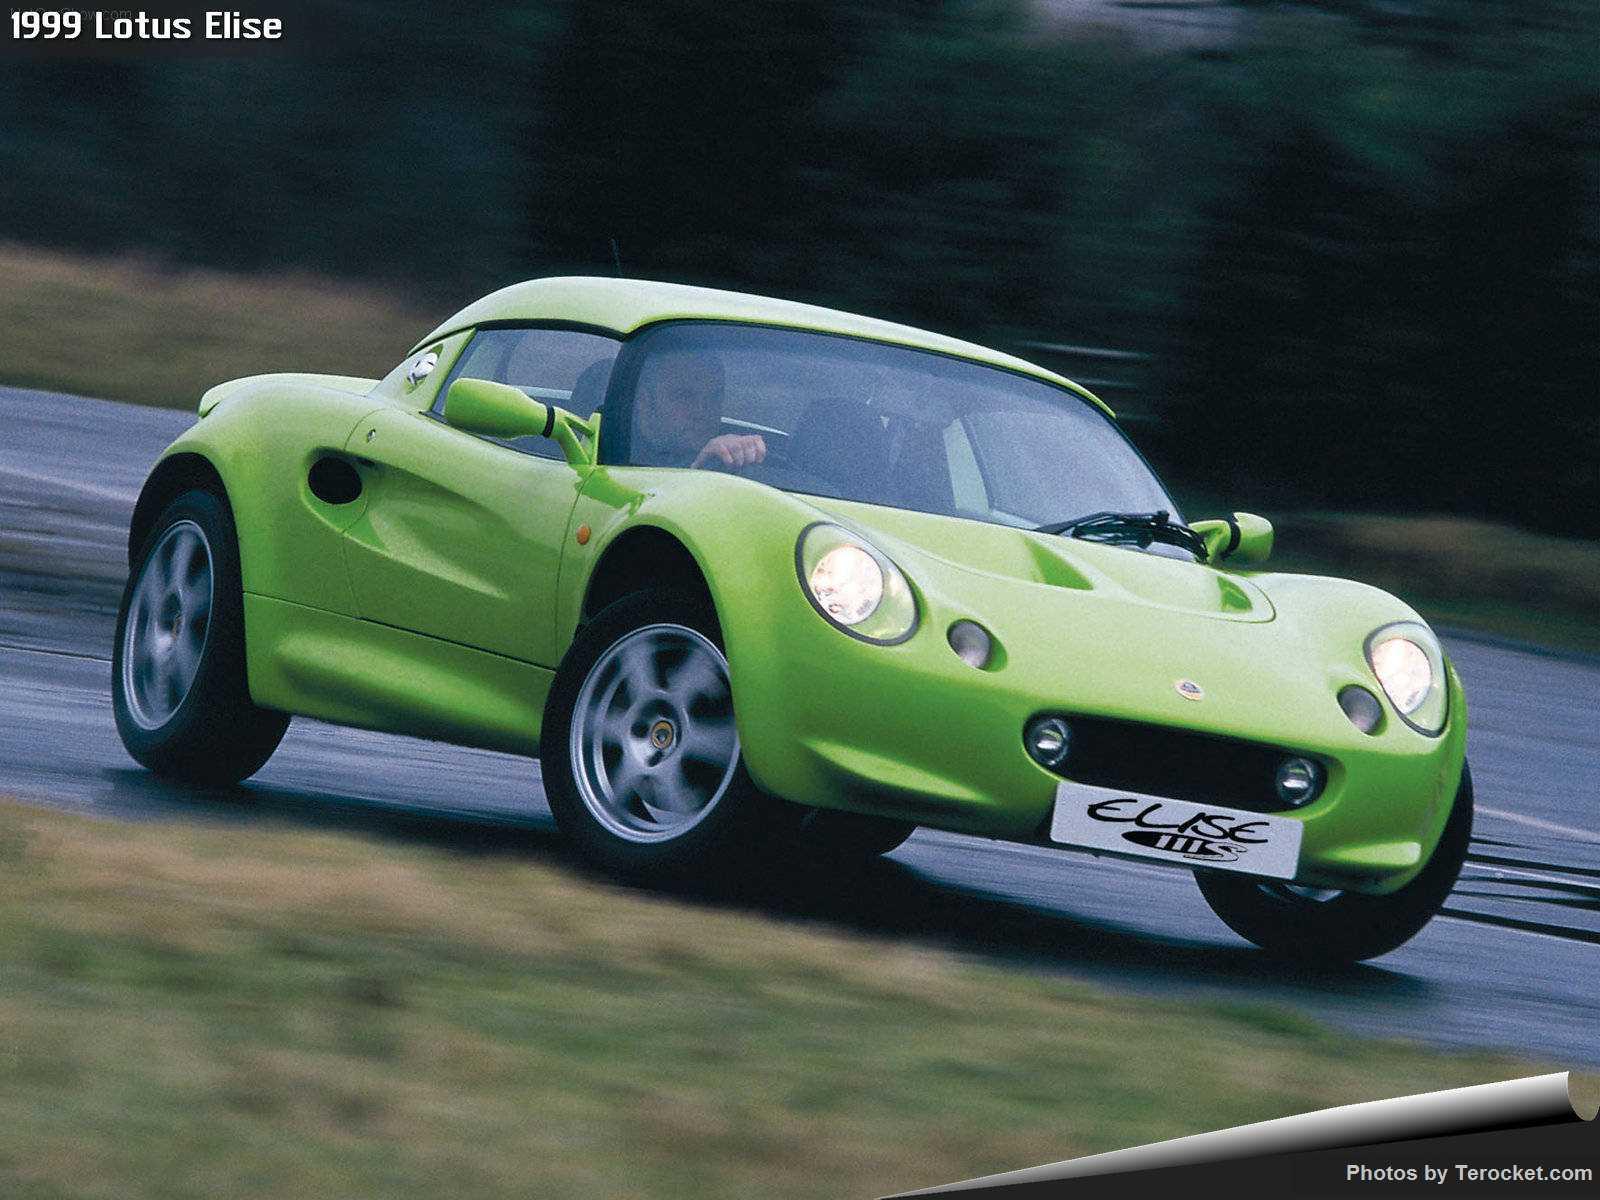 Hình ảnh siêu xe Lotus Elise 1999 & nội ngoại thất